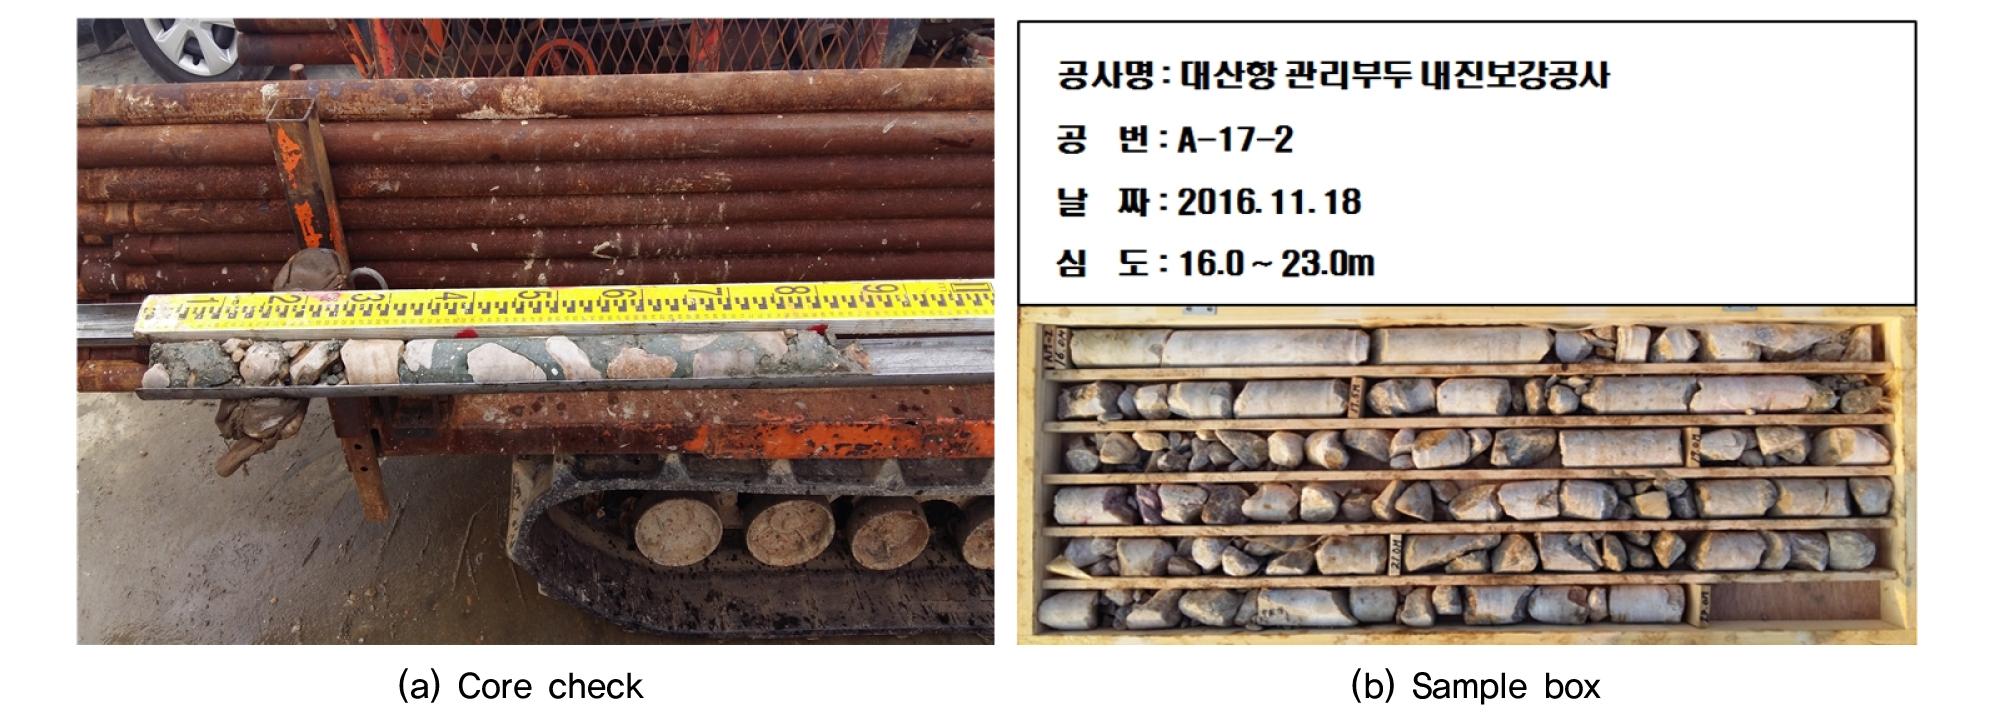 http://static.apub.kr/journalsite/sites/kgss/2019-018-04/N0150180411/images/kgss_18_04_11_F14.jpg